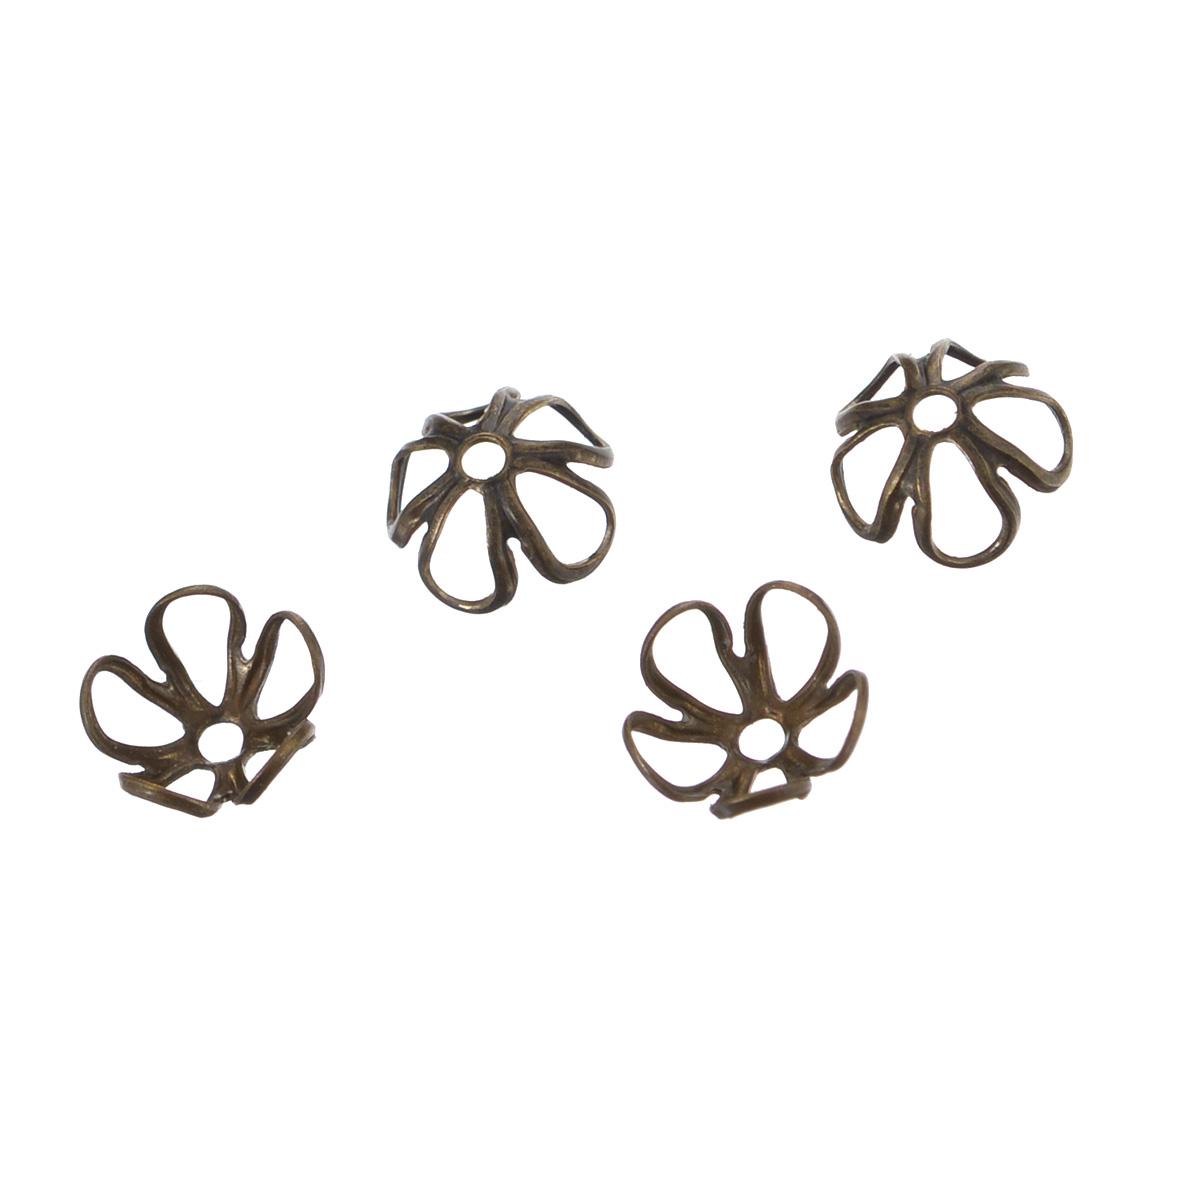 Шапочка для бусин Vintaj Цветочек, диаметр 6 мм, 4 штBC80RRНабор Vintaj Цветочек, изготовленный из металла, состоит из 4 шапочек для бусин. Набор позволит вам своими руками создать оригинальные ожерелья, бусы или браслеты. Шапочки обрамляют бусины и придают законченный красивый вид изделию. Их можно крепить как с одной, так и с обеих сторон бусины. Это прекрасная фурнитура для создания бижутерии. Изготовление украшений - занимательное хобби и реализация творческих способностей рукодельницы, это возможность создания неповторимого индивидуального подарка. Диаметр шапочки: 6 мм.